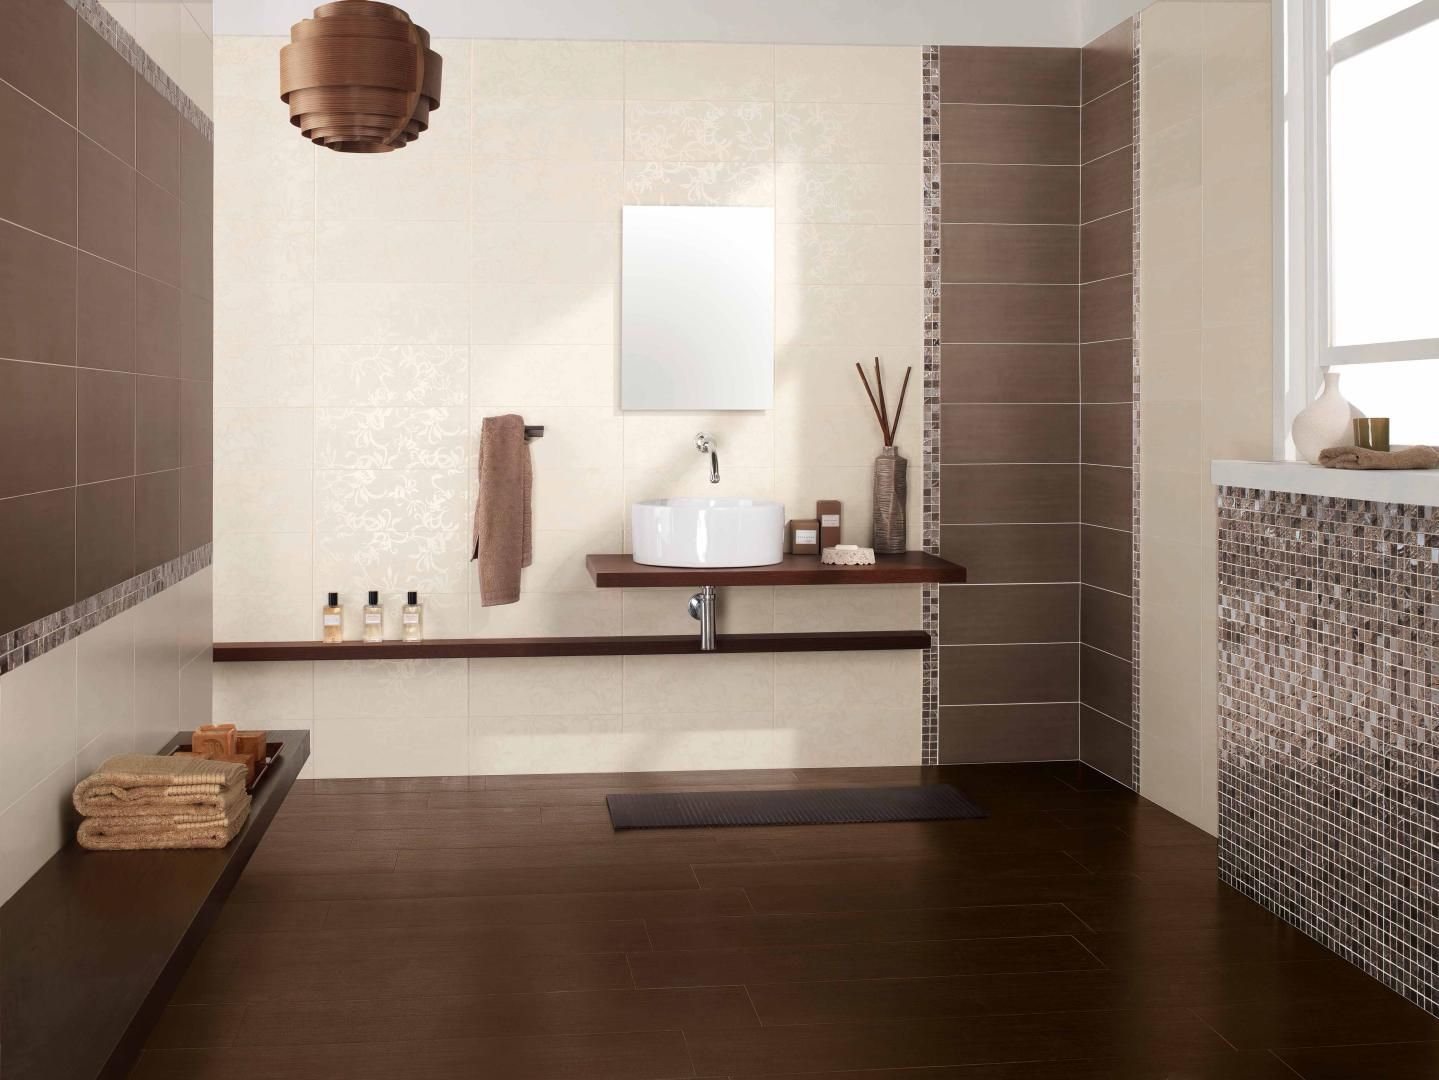 soluzione rivestimento bagno, con doccia senza mosaico ma solo in ... - Arredo Bagno Con Mosaico